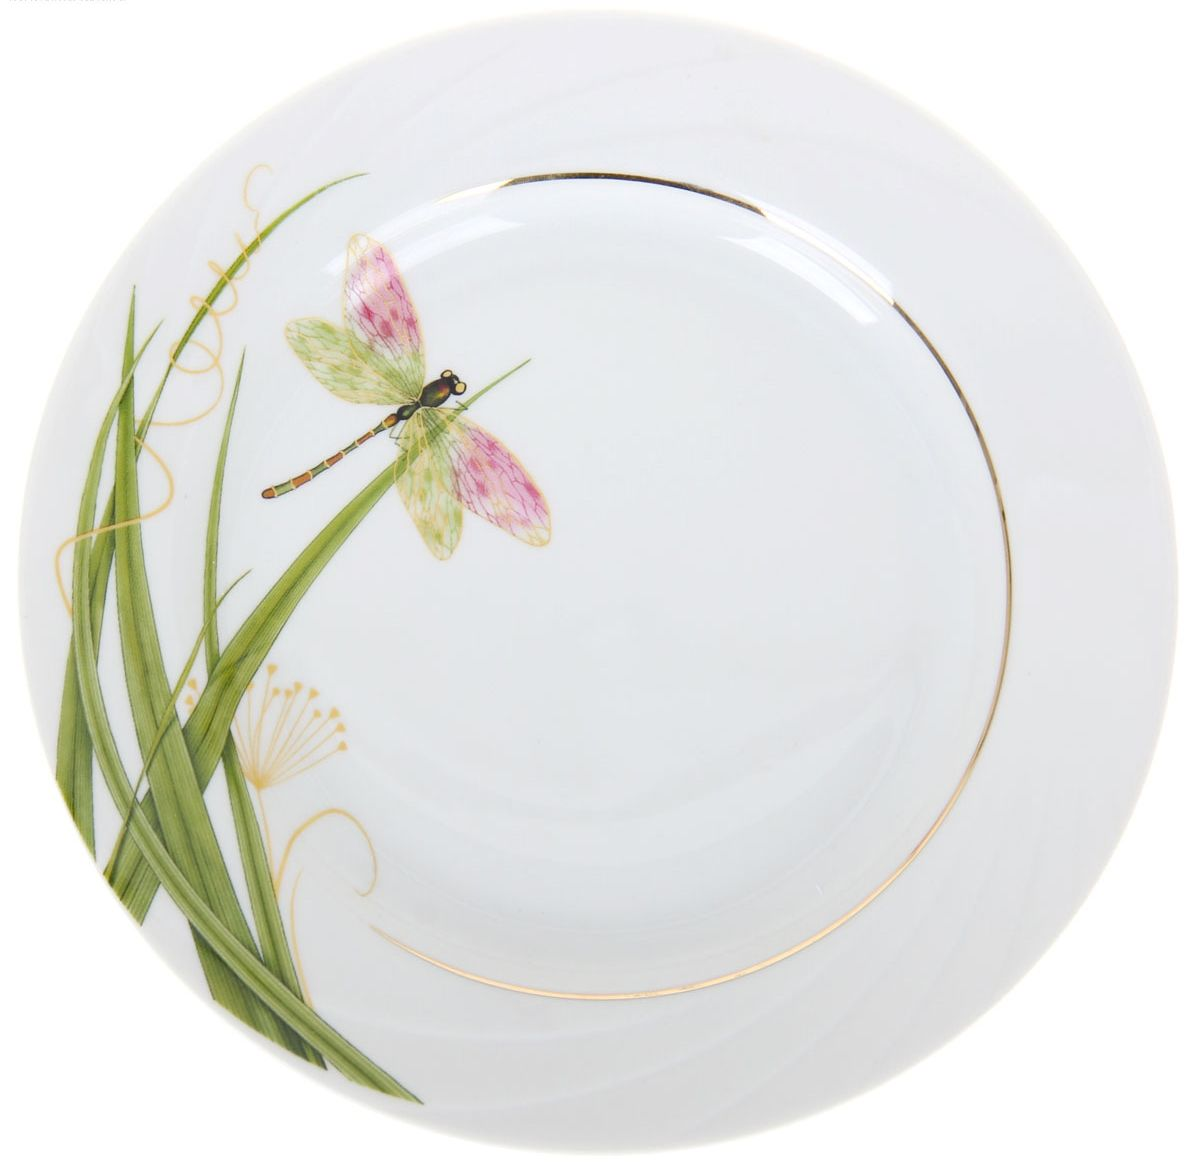 Тарелка мелкая Голубка. Стрекоза, диаметр 17,5 см1224523Мелкая тарелка Голубка. Стрекоза выполнена из высококачественного фарфора и оформлена изображением стрекозы. Изделие сочетает в себе изысканный дизайн с максимальной функциональностью. Она прекрасно впишется в интерьер вашей кухни и станет достойным дополнением к кухонному инвентарю. Тарелка Голубка. Стрекоза подчеркнет прекрасный вкус хозяйки и станет отличным подарком. Диаметр: 17,5 см.